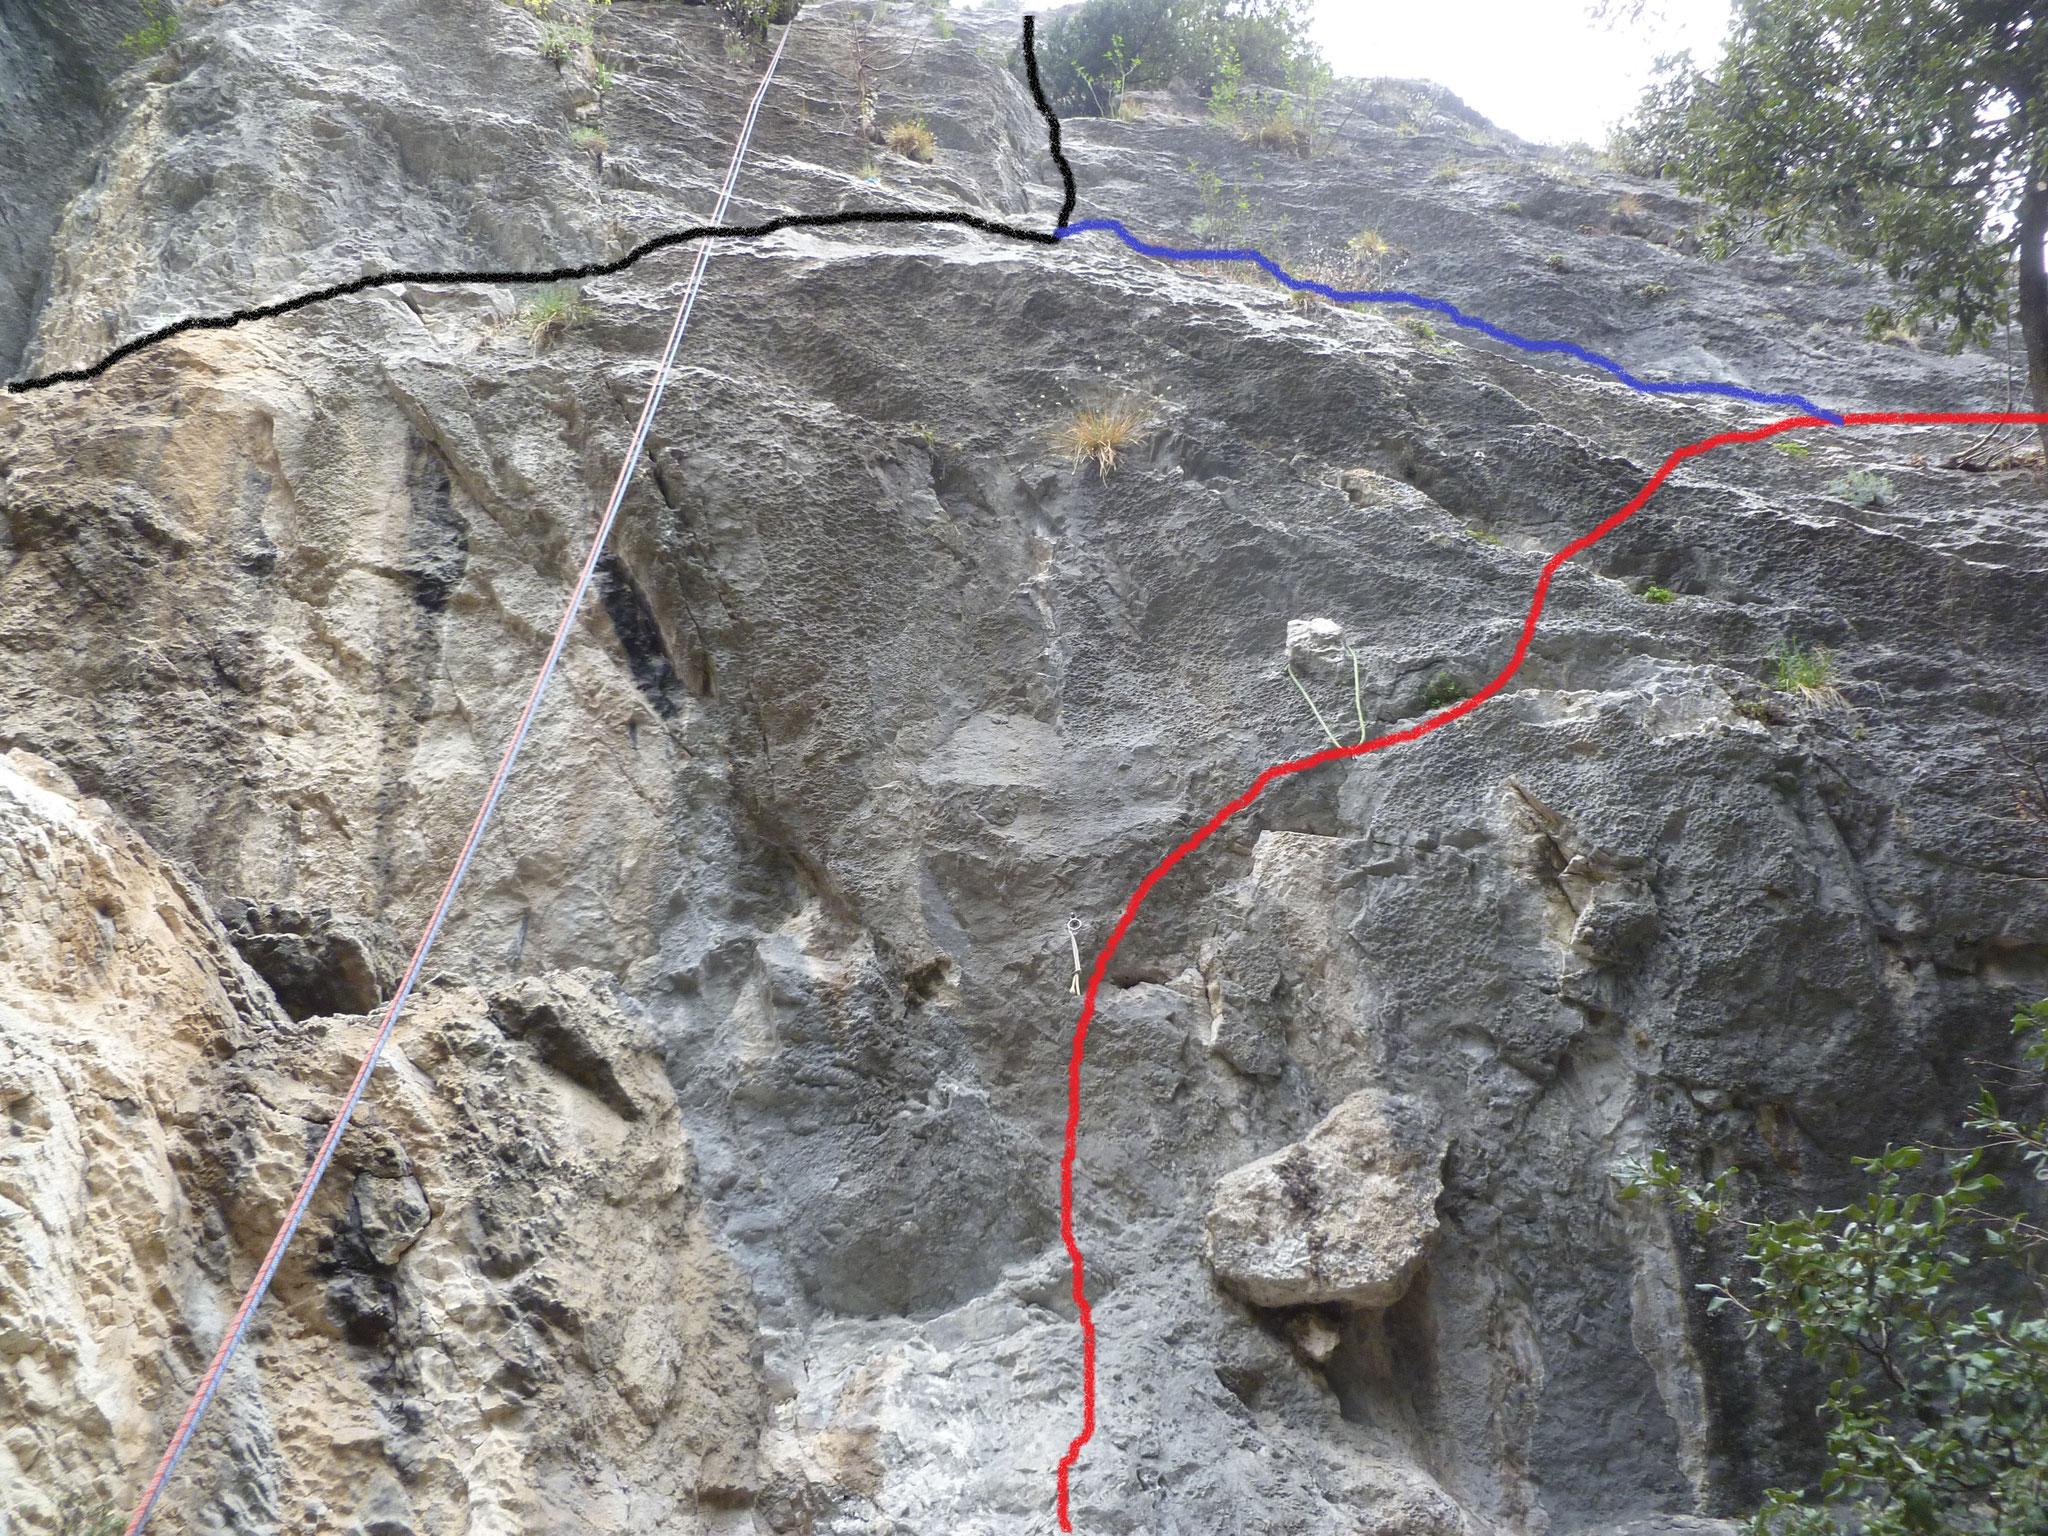 """malerische Veranschaulichung unseres adaptierten Einstiegs: in rot der """"athletische"""" Einstieg der Hades, in schwarz die """"Helena"""", in blau die Verbindungstraverse"""